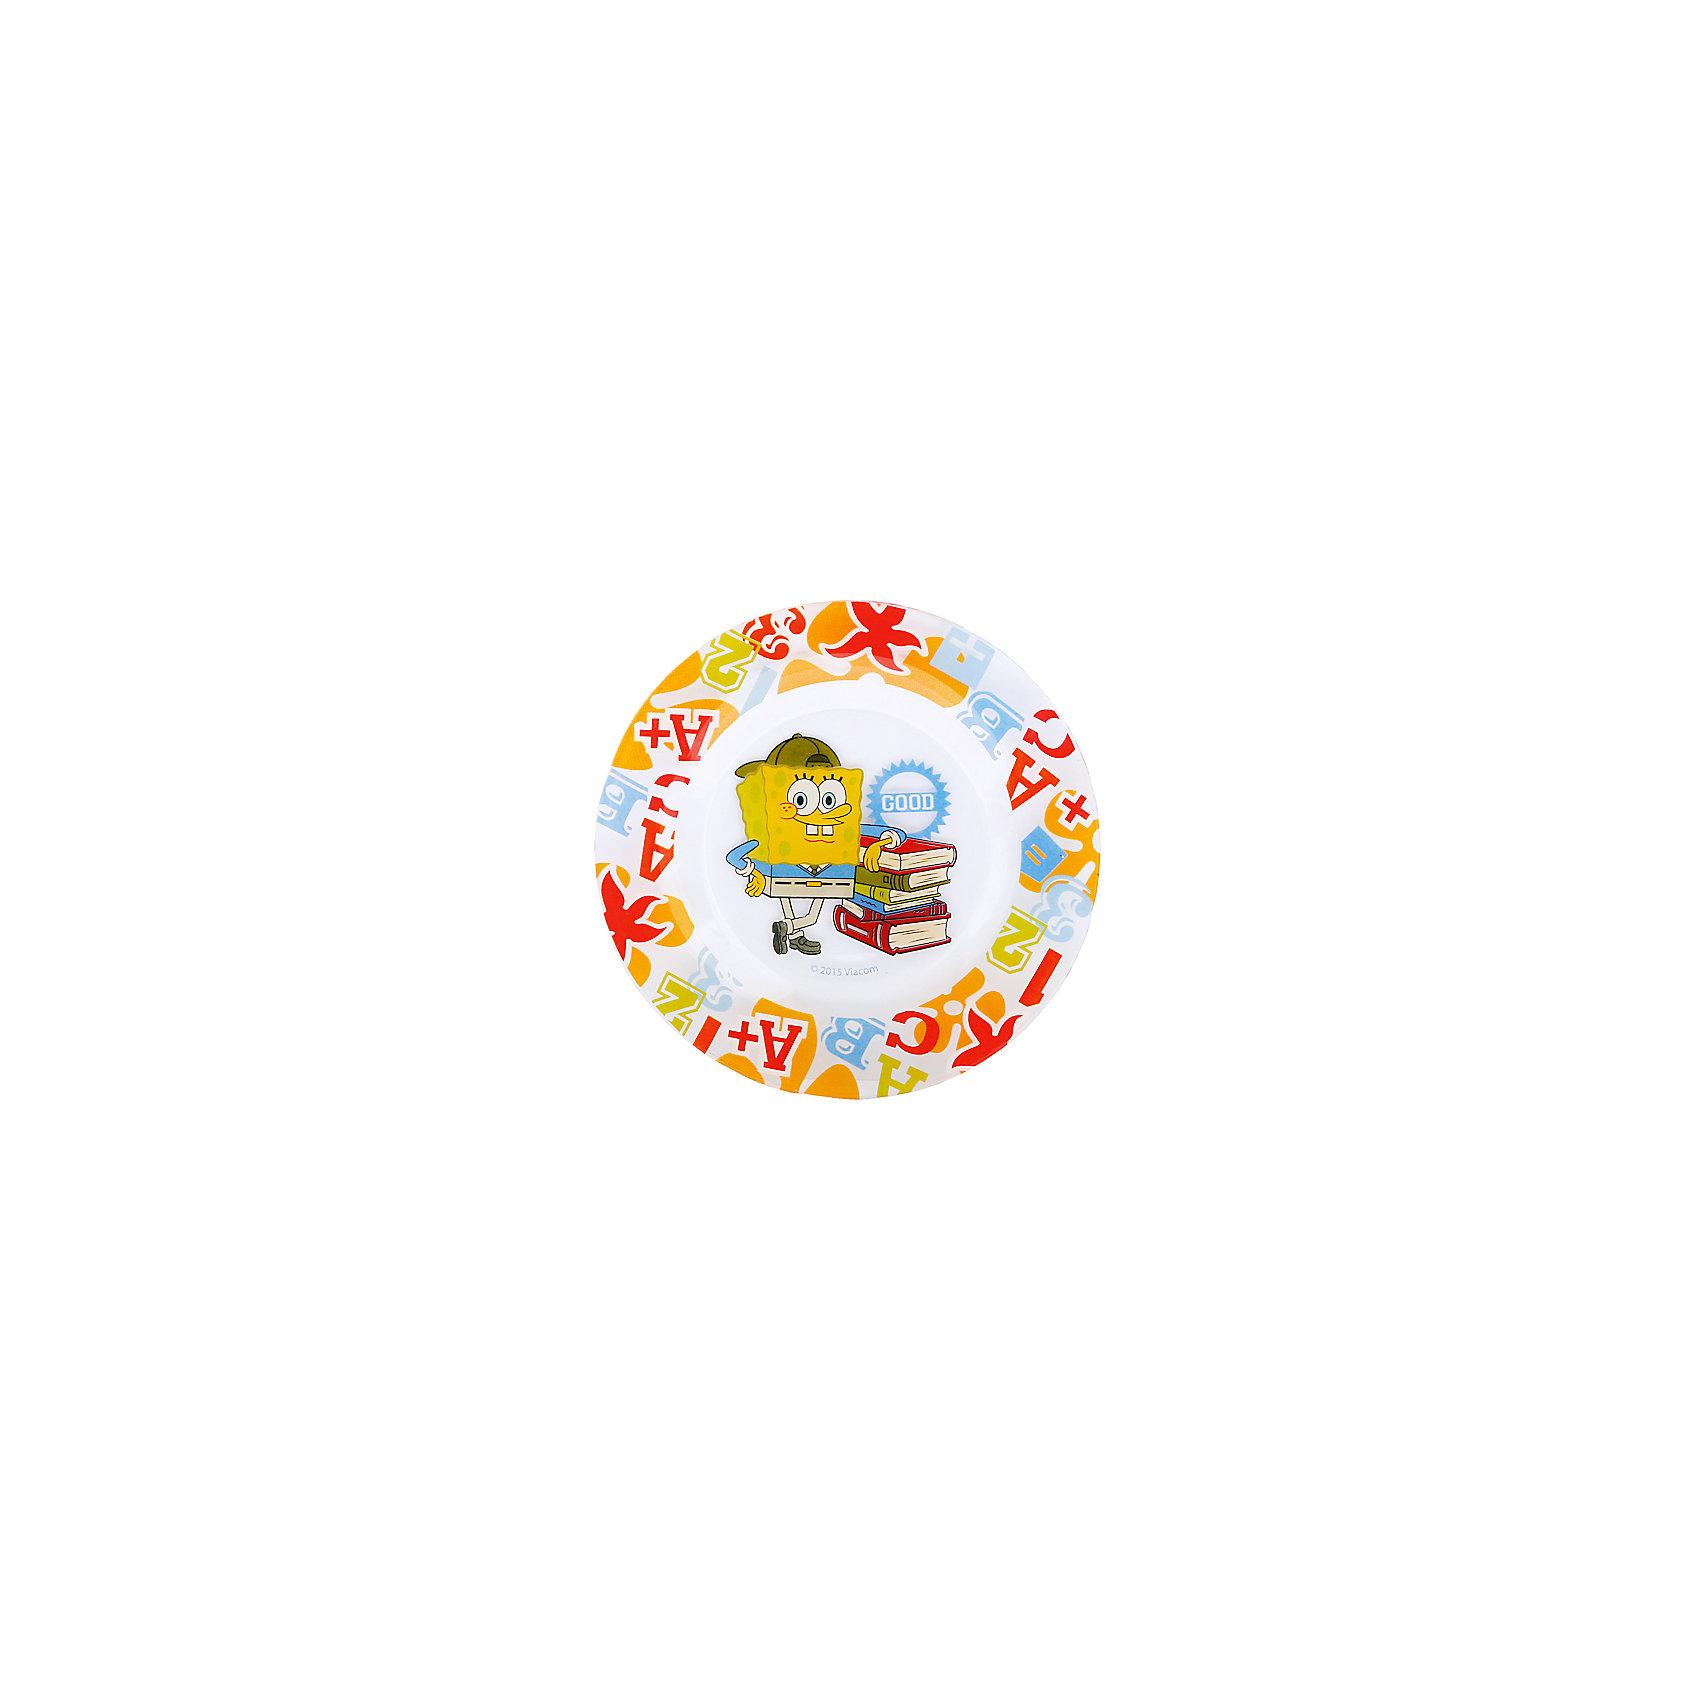 Стеклянная тарелка Школа 19,5 см, Губка БобГубка Боб<br>Стеклянная тарелка Школа 19,5 см, Губка Боб - эта яркая красочная тарелка поднимет настроение вашему ребенку.<br>Замечательная тарелка с ярким принтом, по мотивам популярного детского мультсериала Губка Боб Квадратные штаны, прекрасно подходит как для холодных, так и для теплых блюд. Тарелка выполнена из высококачественного стекла, которое производится без добавления химических красителей и примесей. Абсолютно гладкая поверхность препятствует проникновению бактерий и посторонних запахов в посуду. Изделие, украшенное веселым красочным рисунком, станет прекрасным дополнением к кухонным аксессуарам из серии Губка Боб.<br><br>Дополнительная информация:<br><br>- Диаметр: 19,5 см.<br>- Материал: стекло<br><br>Стеклянную тарелку Школа 19,5 см, Губка Боб можно купить в нашем интернет-магазине.<br><br>Ширина мм: 190<br>Глубина мм: 190<br>Высота мм: 20<br>Вес г: 240<br>Возраст от месяцев: 36<br>Возраст до месяцев: 144<br>Пол: Унисекс<br>Возраст: Детский<br>SKU: 4603883